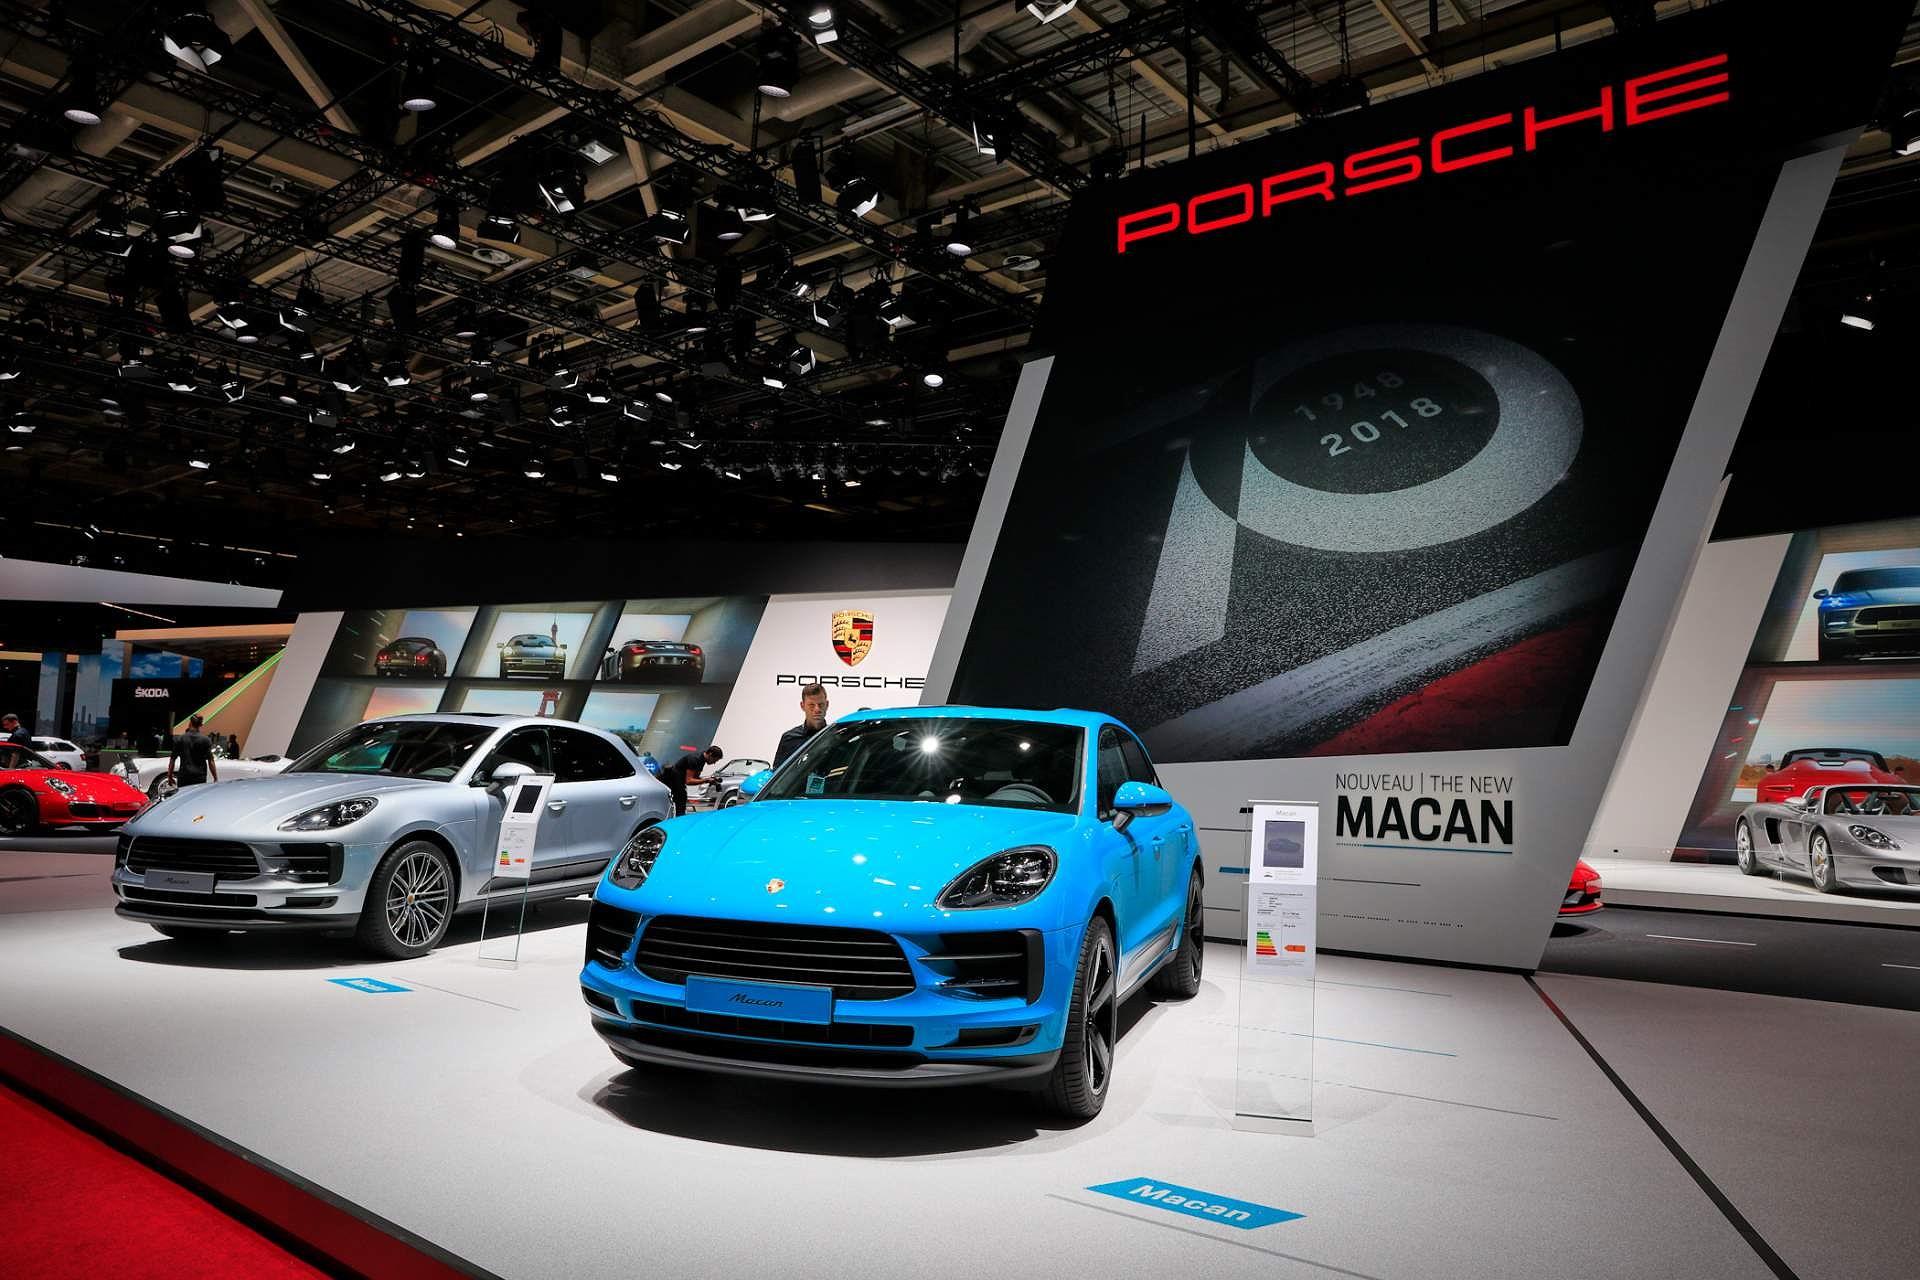 Porsche Macan ra mắt châu Âu với động cơ 242 mã lực Ảnh 5